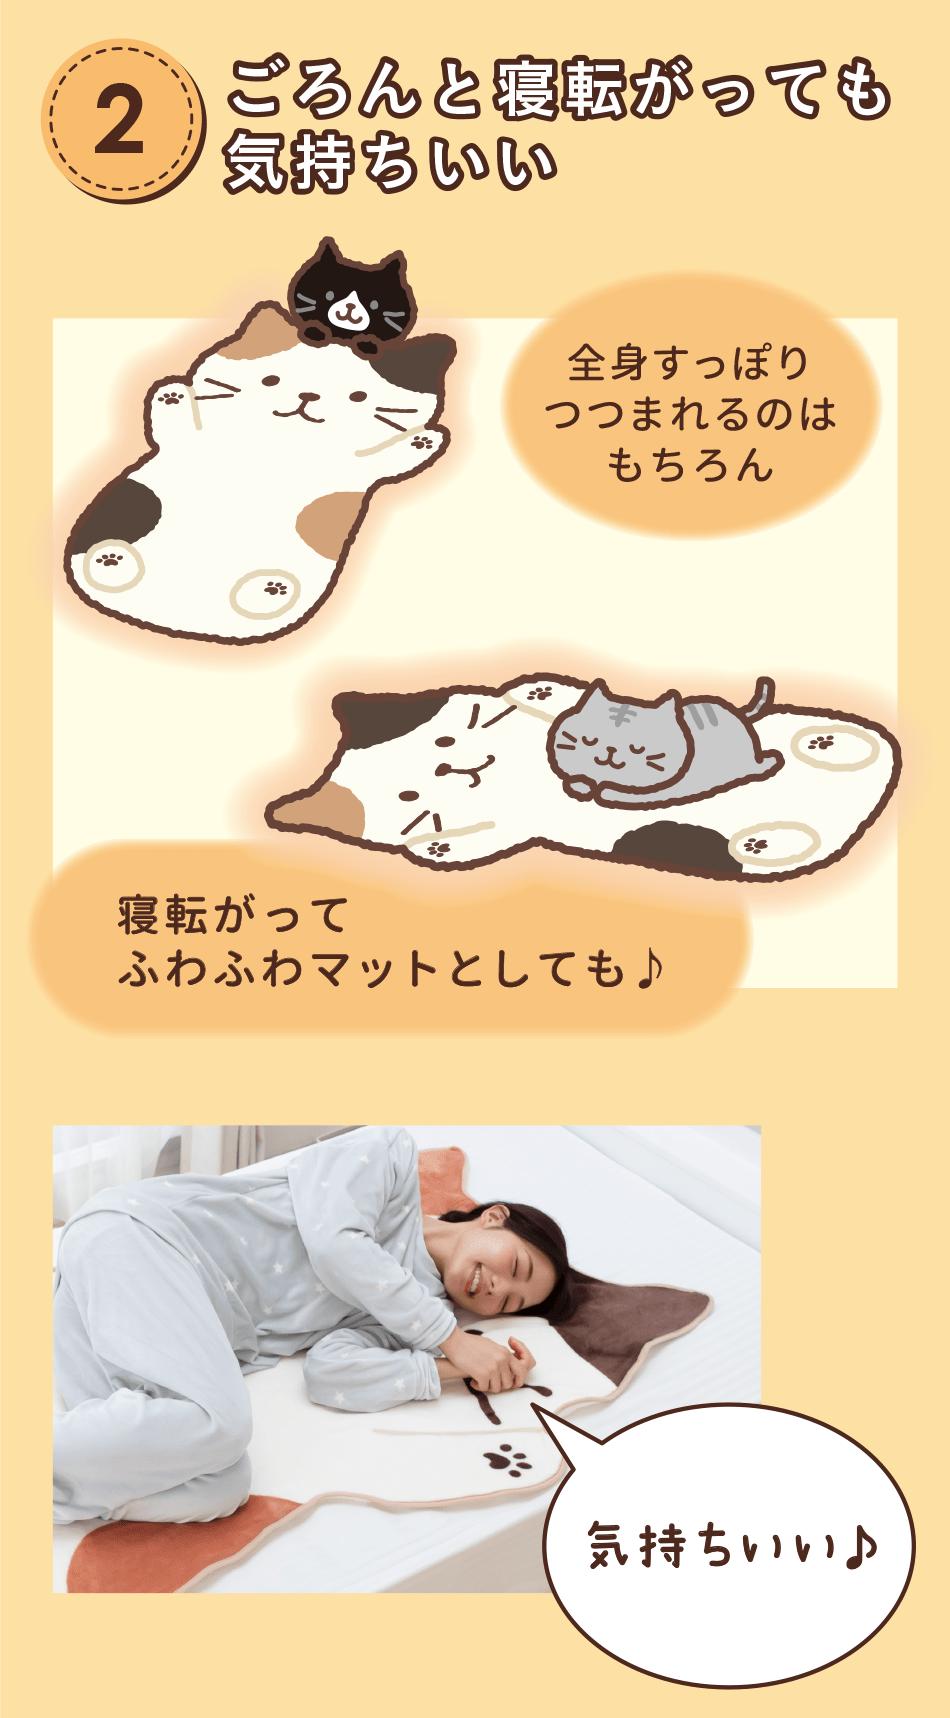 全身すっぽり包まれるのはもちろん、ふわふわマットにして寝転がっても心地いい。